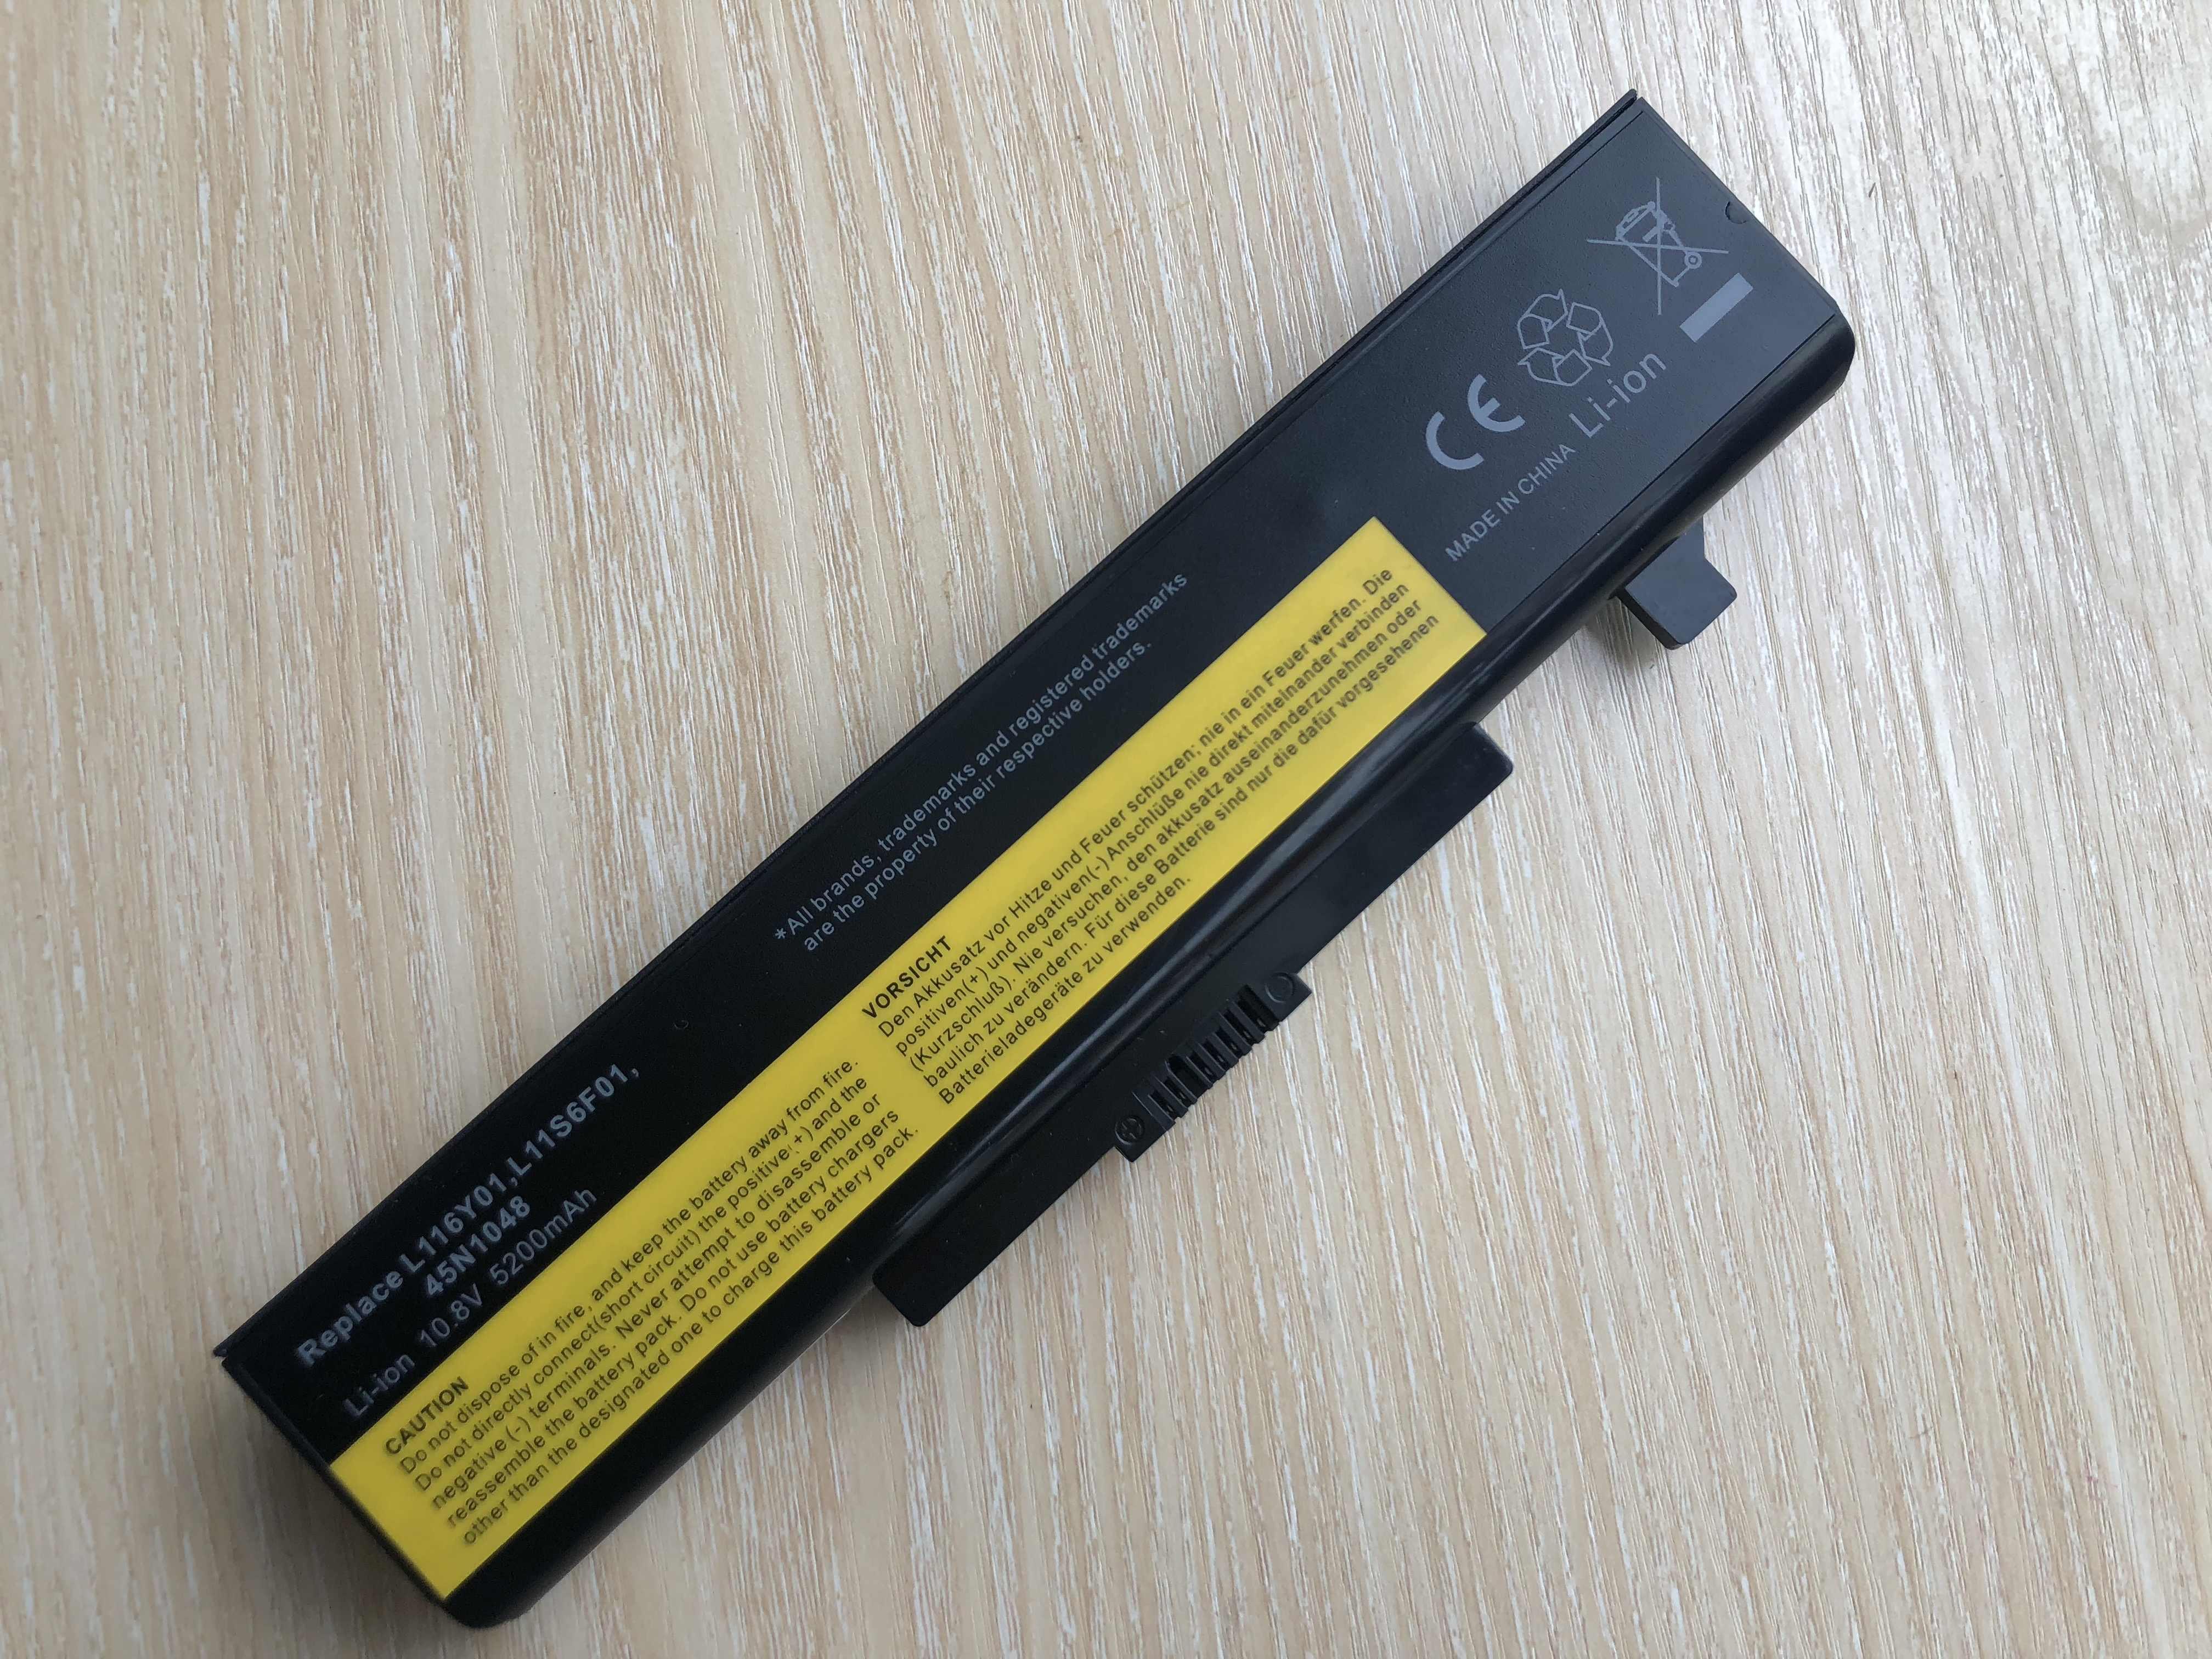 ل ينوفو G580 سلسلة بطارية كمبيوتر محمول لينوفو L11S6Y01 L11L6Y01 Z380 Z380AM Y480 G480 V480 Y580 G580AM